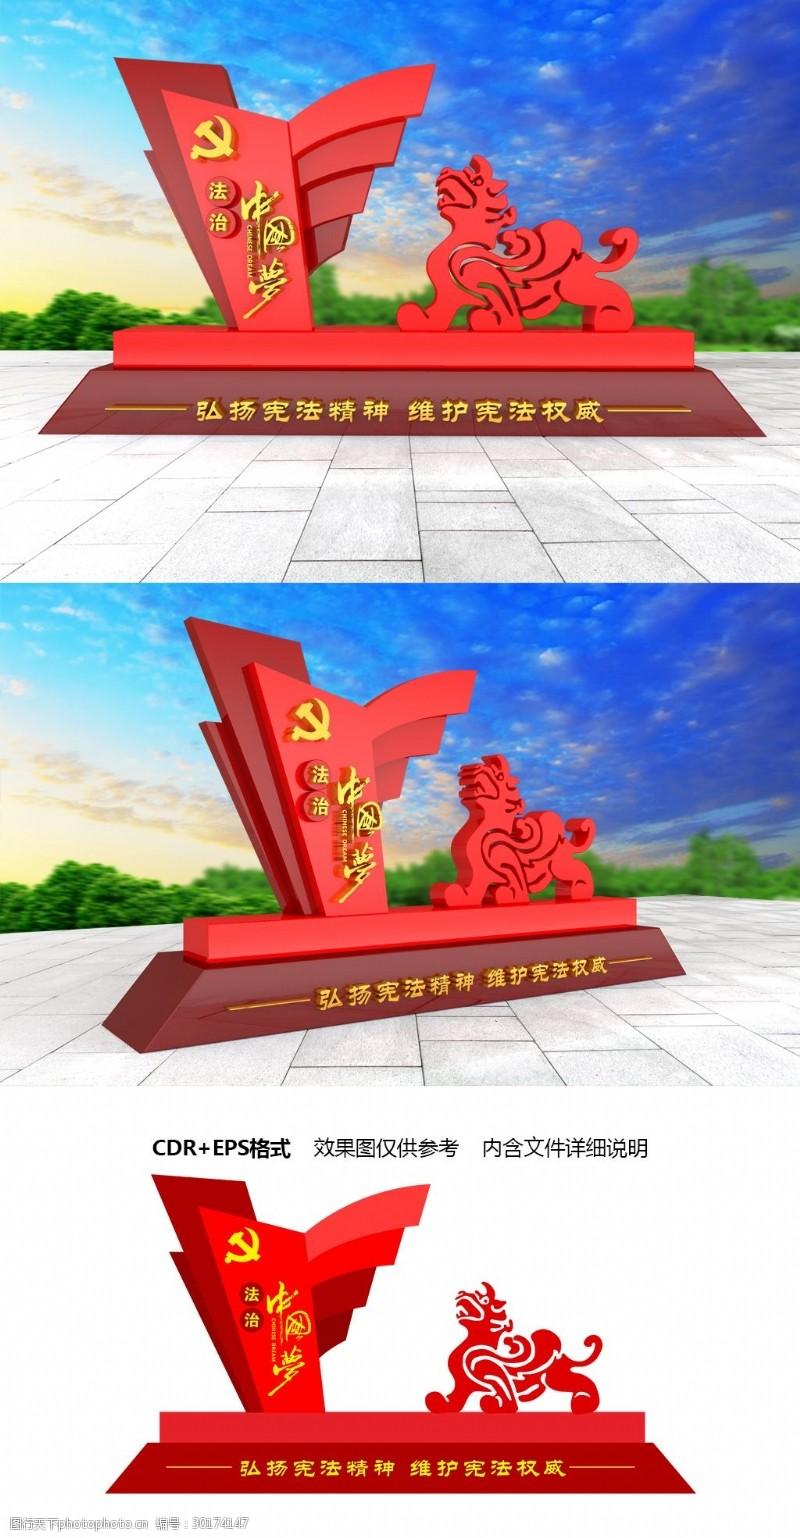 法治雕塑大型立体法治中国梦宪法精神党建广场雕塑